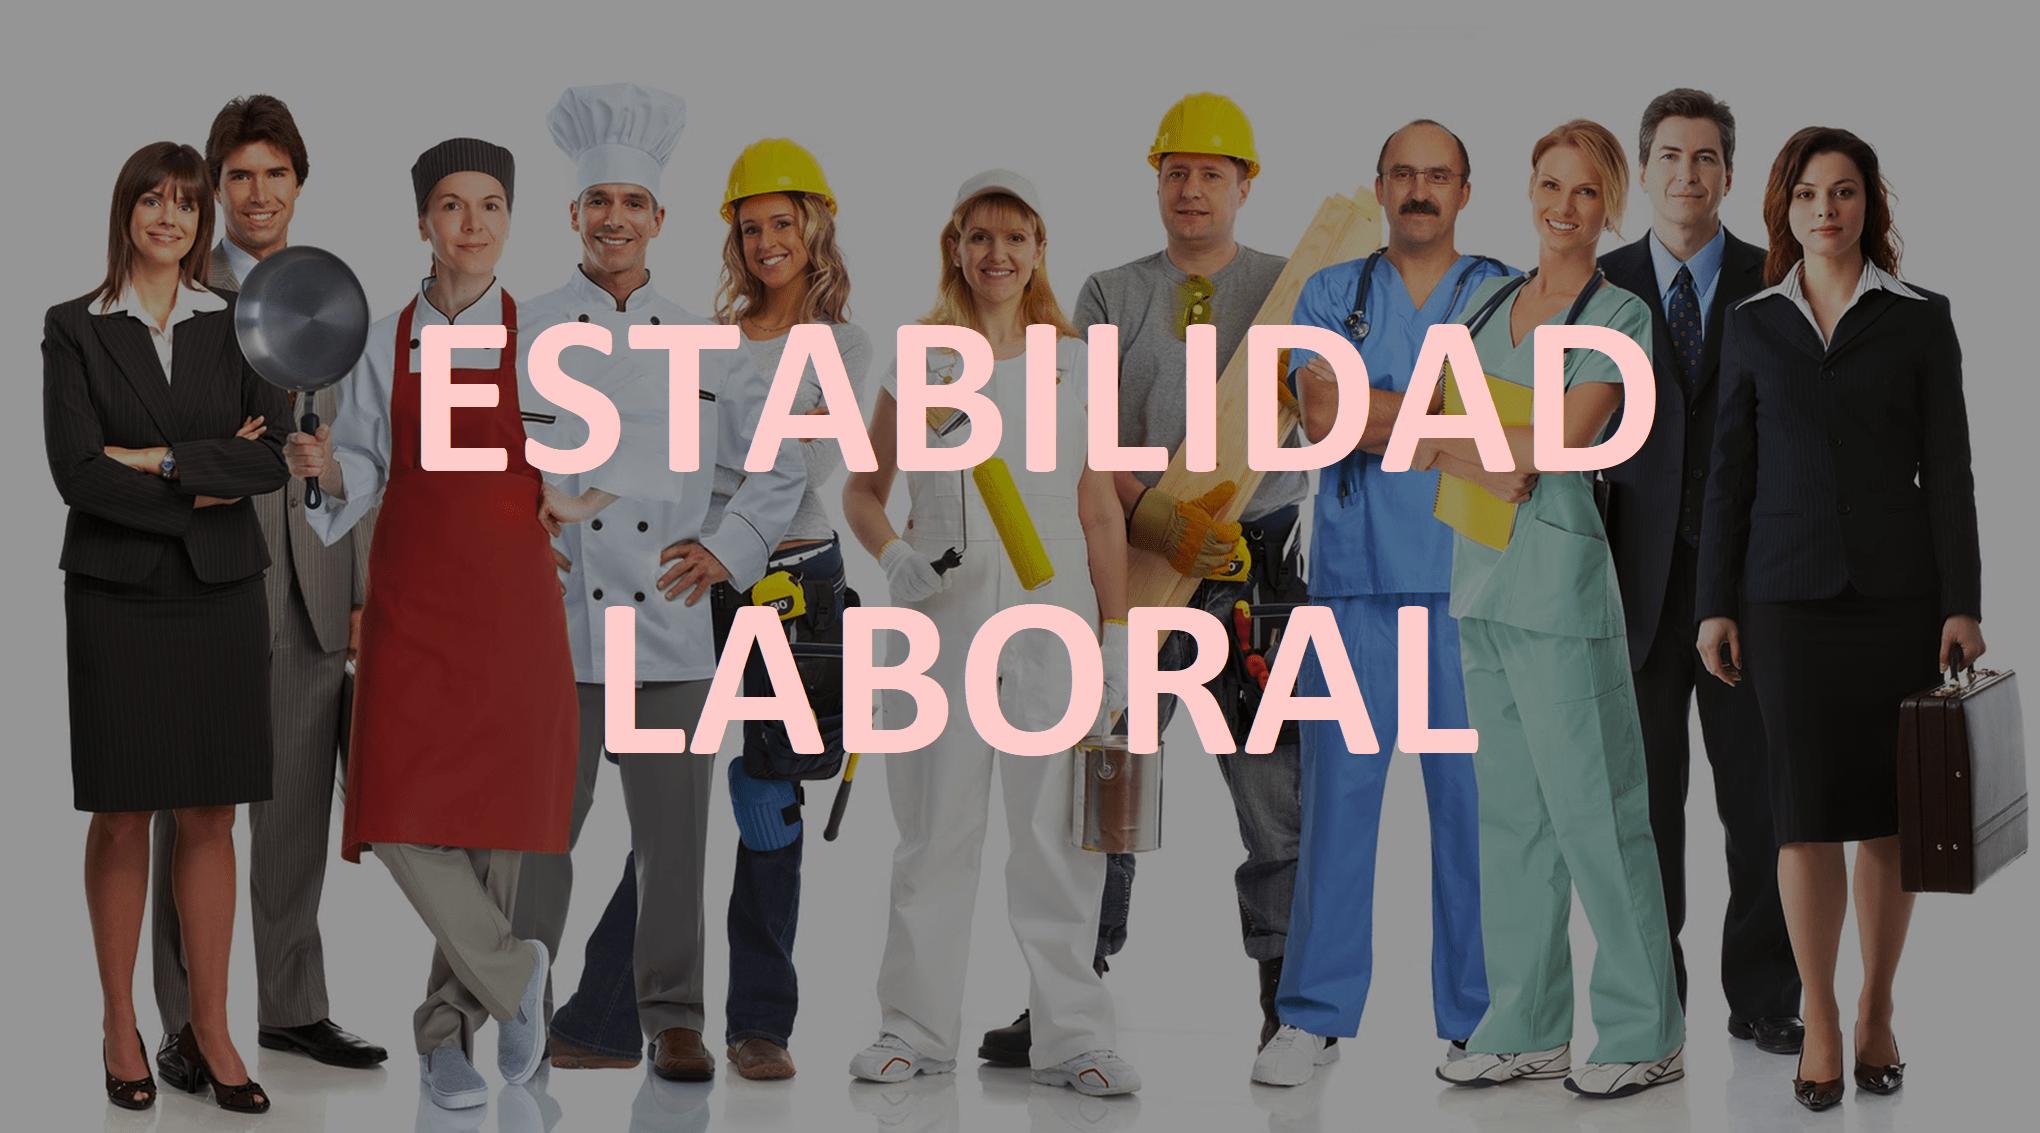 Lo que pasó con la Estabilidad Laboral